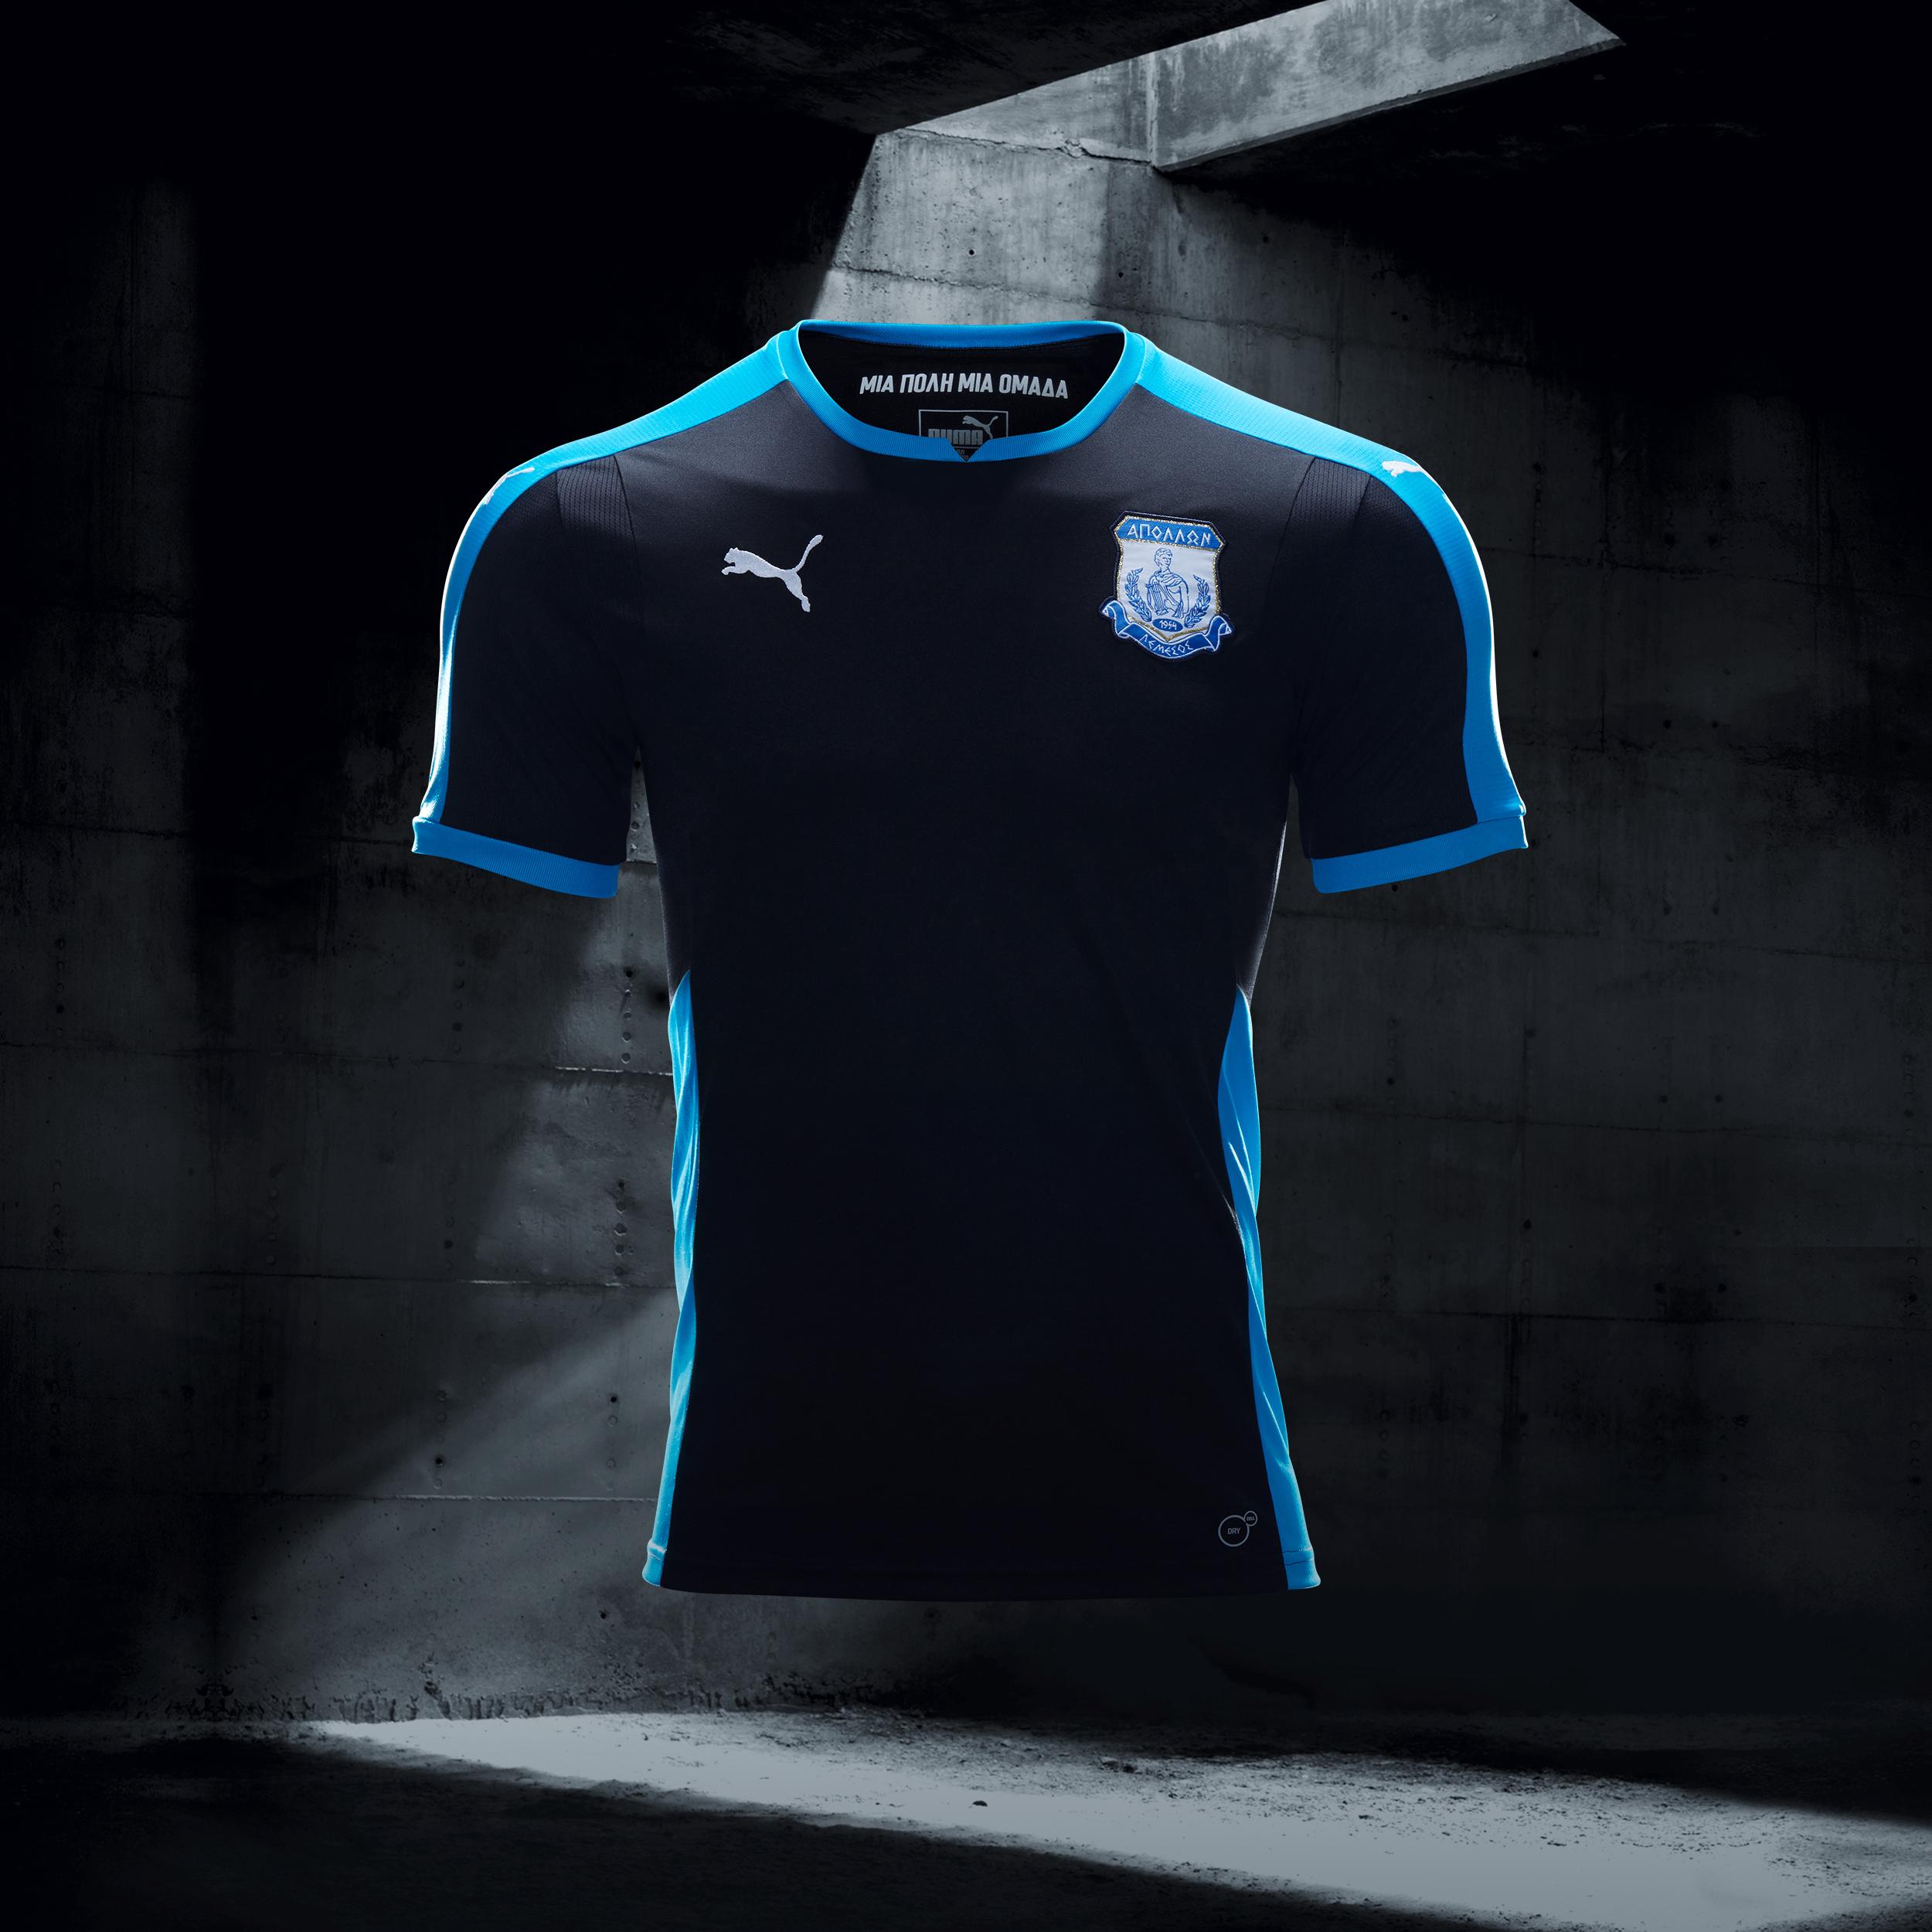 Puma lança 23 novas camisas de times de uma vez  veja todas  54f641f05d3